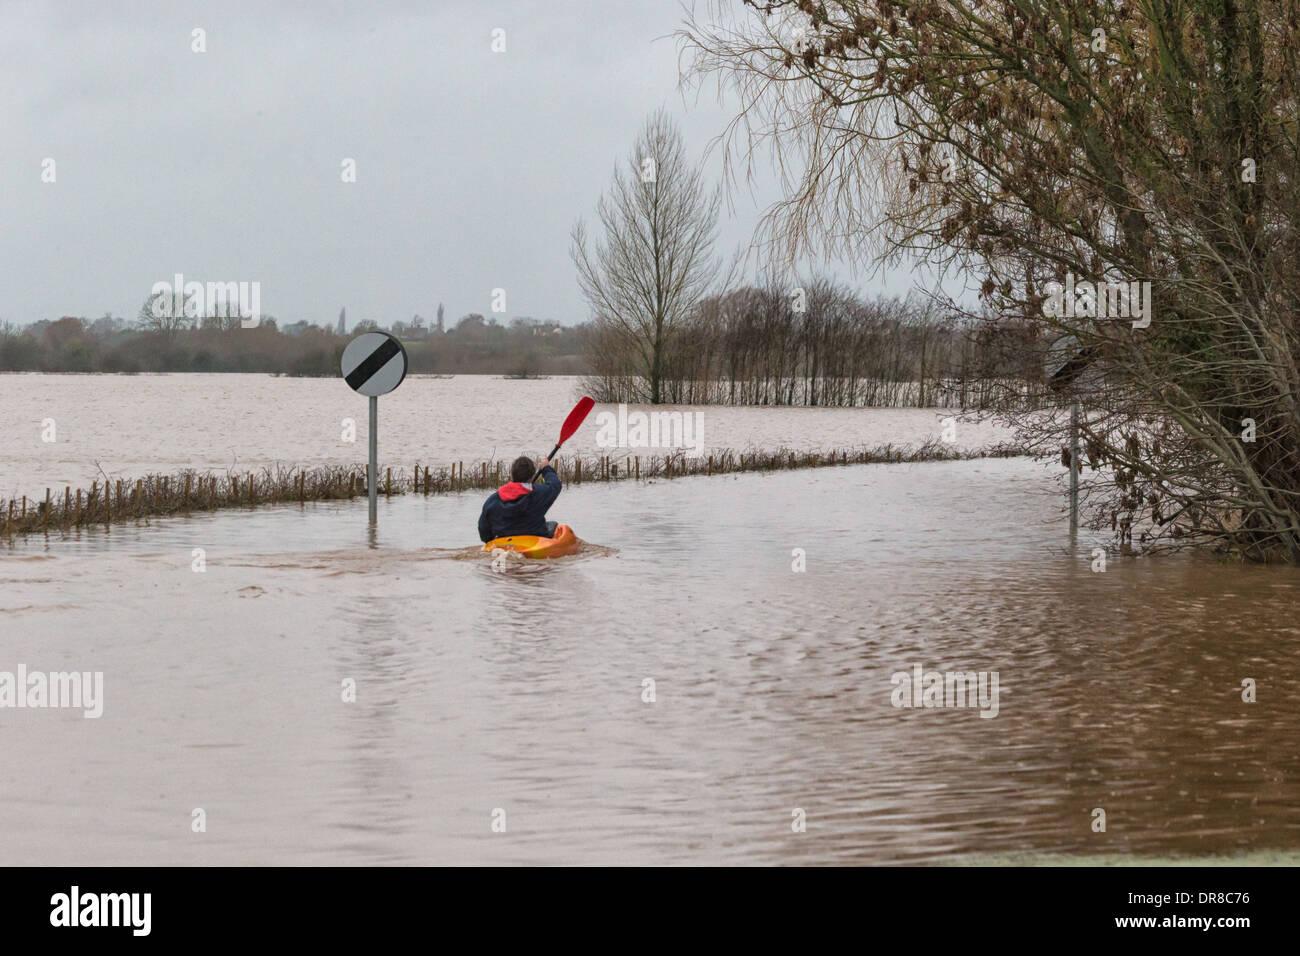 Le pagayage canoéiste coupes inondé Rd, Burrowbridge après la rivière Tone burst ses banques dans les inondations récentes Photo Stock